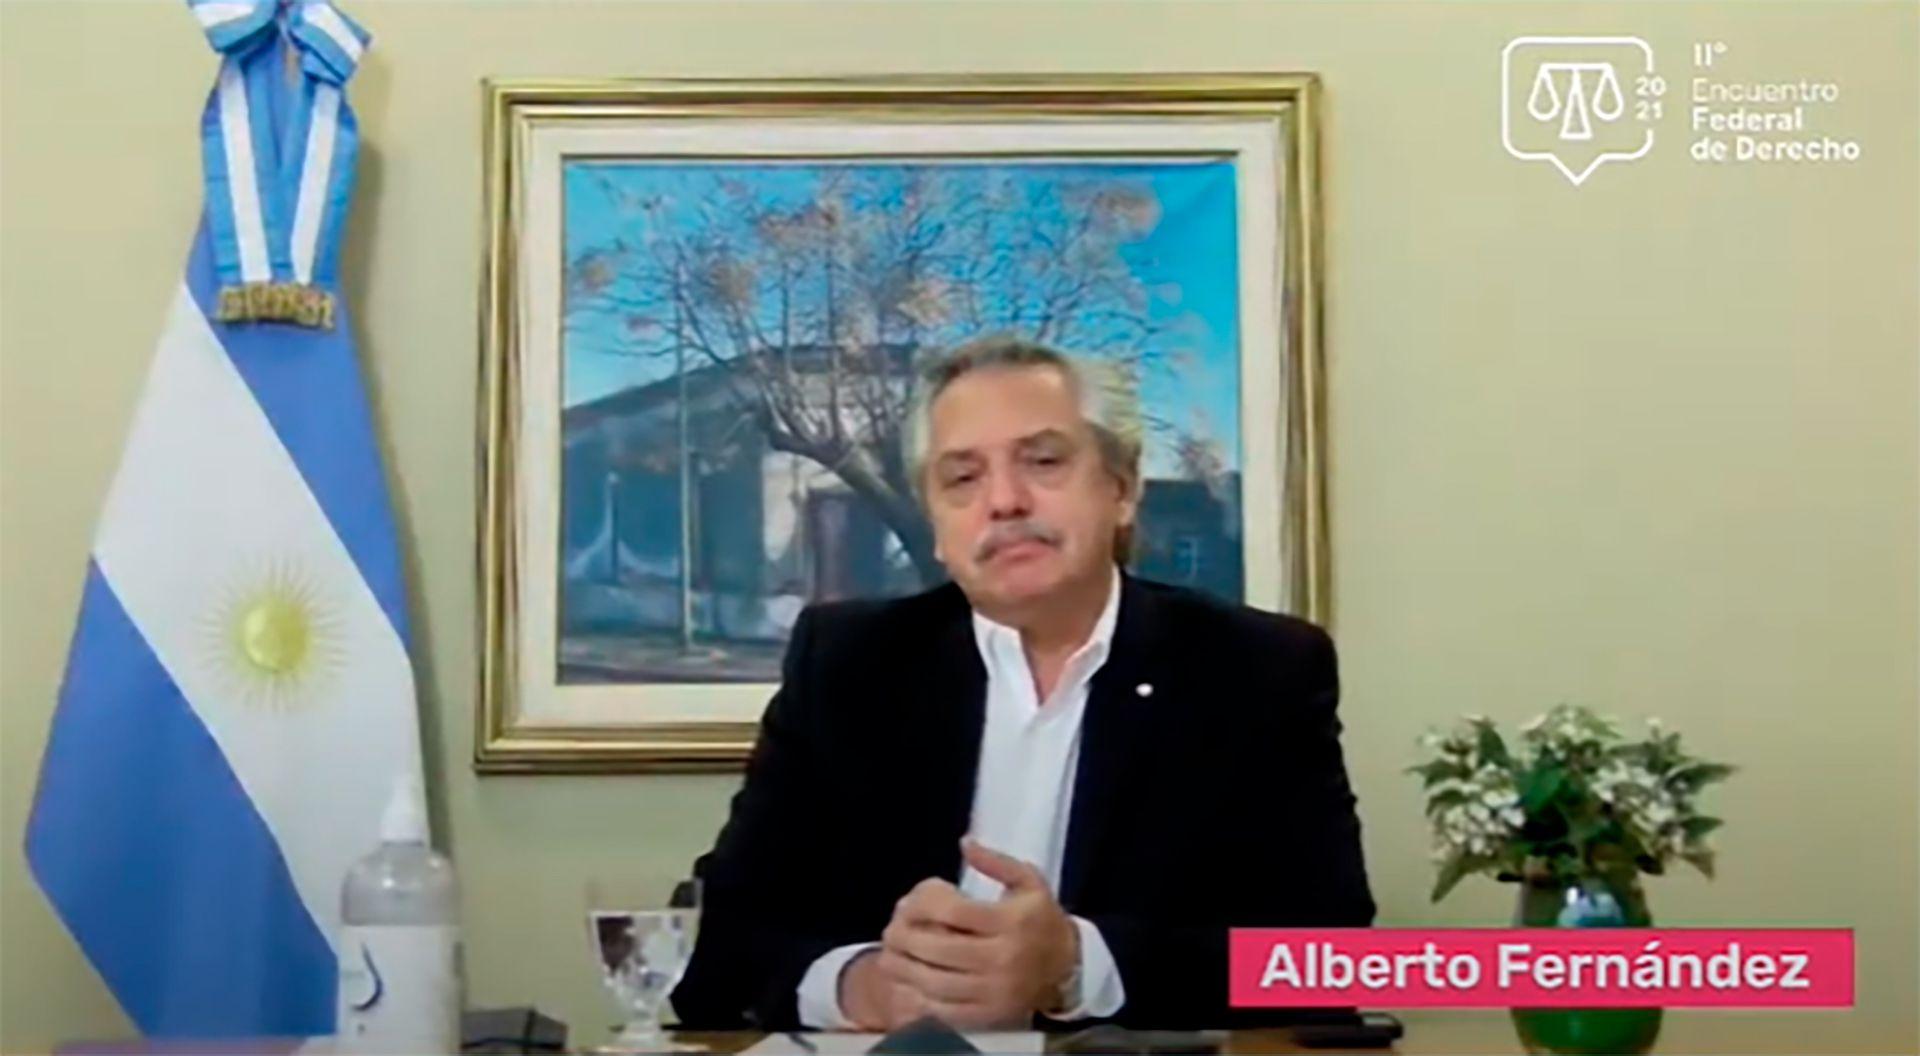 Alberto Fernandez sobre jueces con estudiantes de Derechos